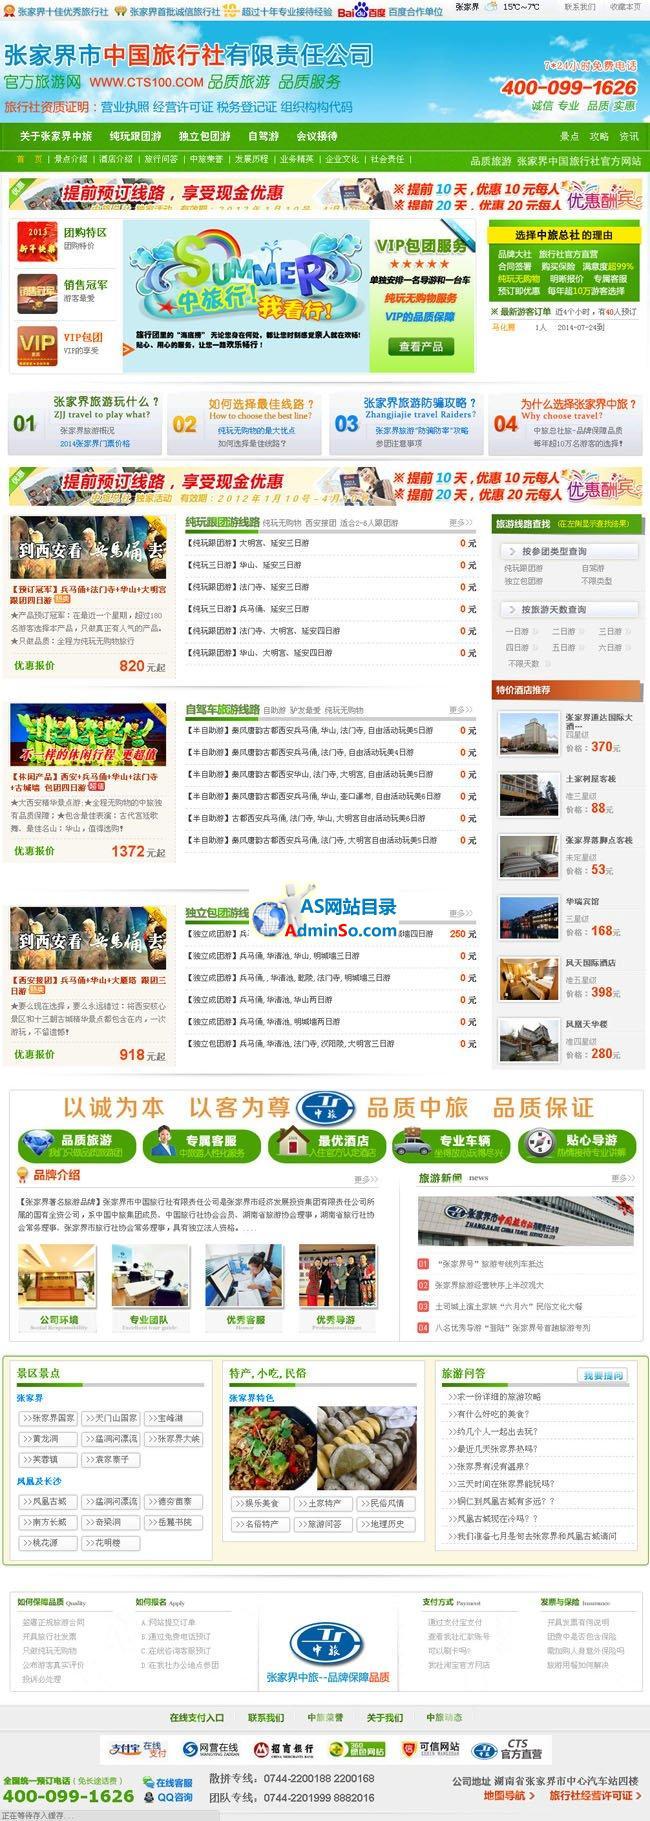 飞思旅游网站管理系统